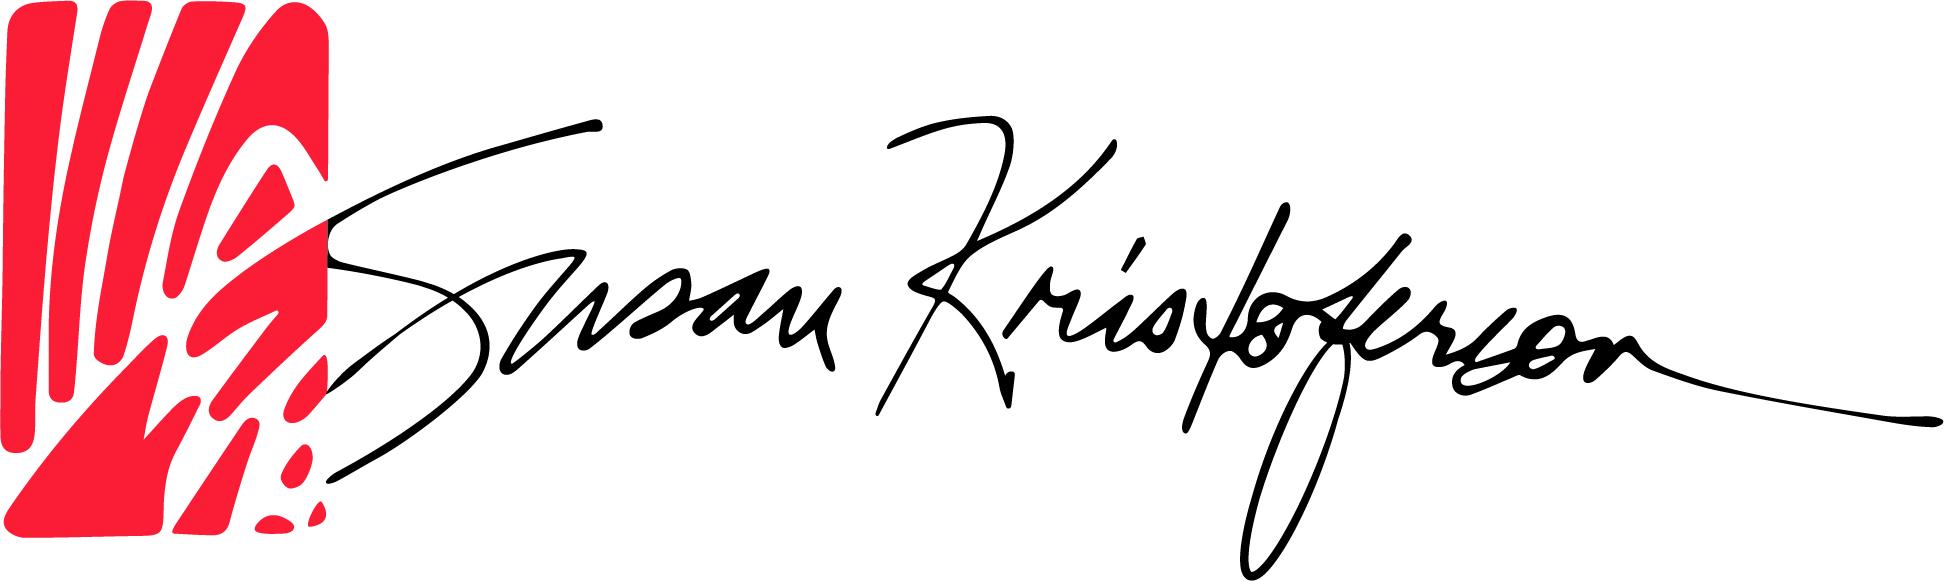 Susan Kristoferson